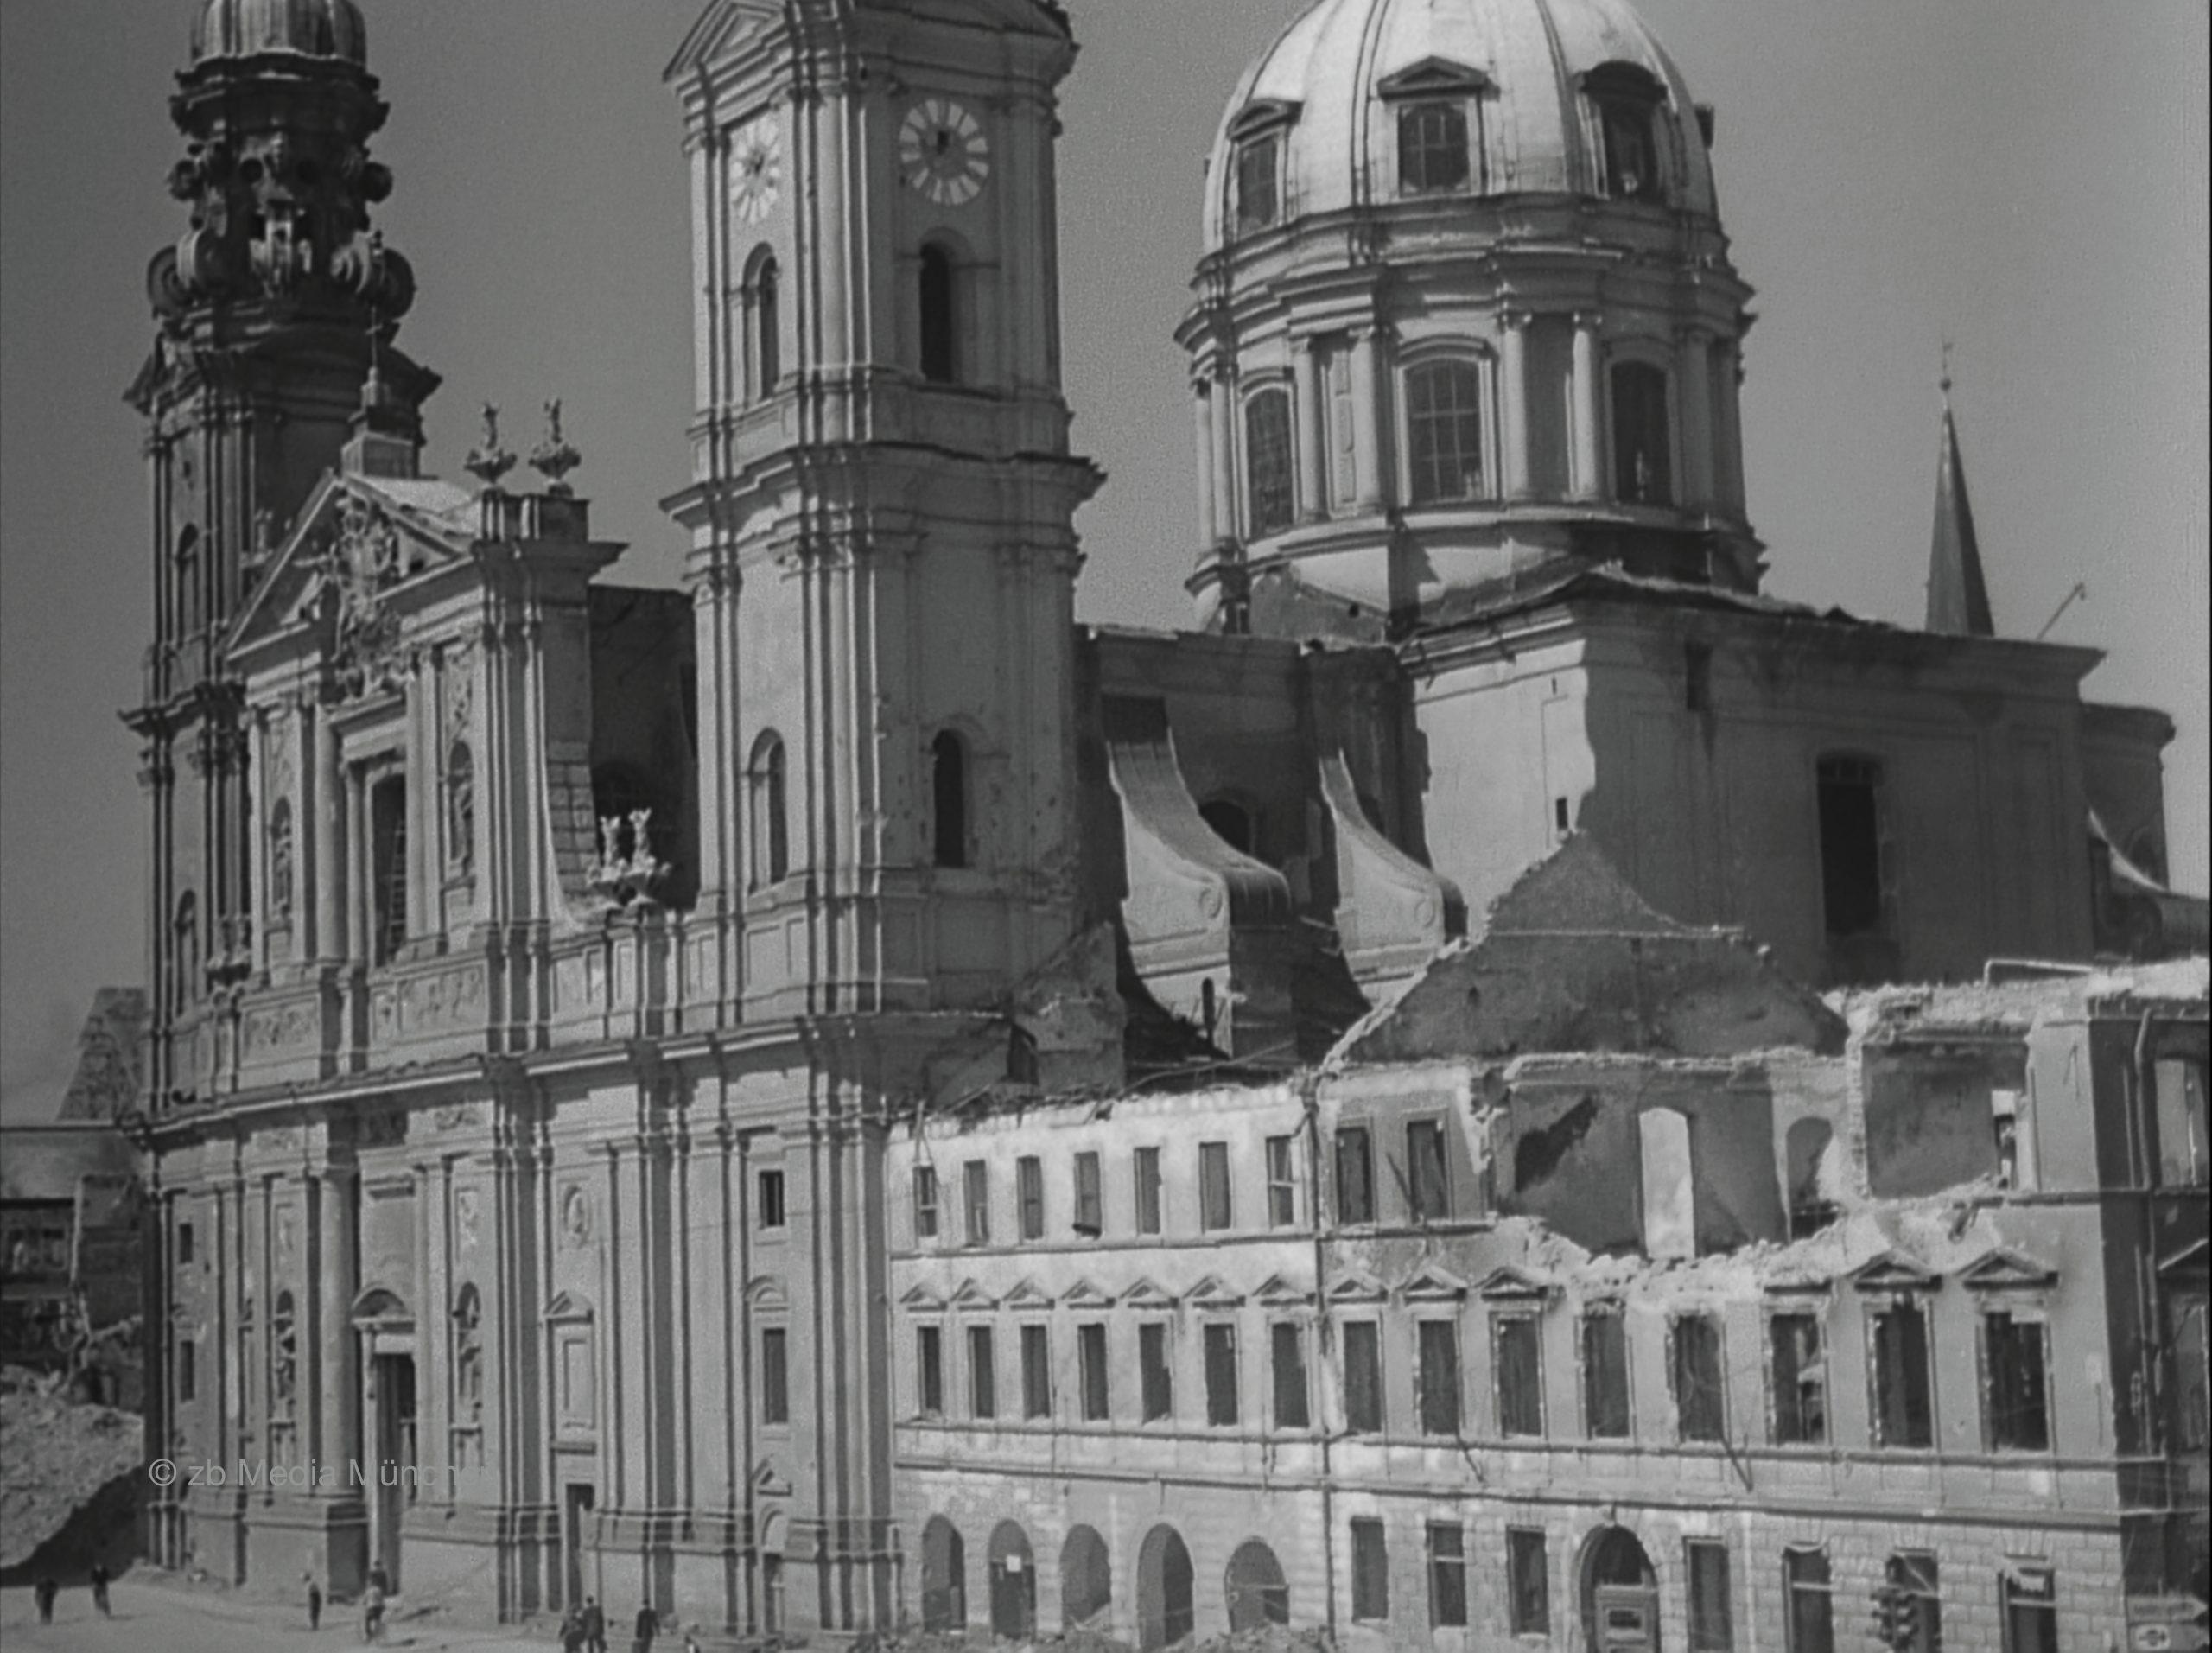 Theatinerkirche, München 5. Mai 1945, Ruine, Bombenschaden